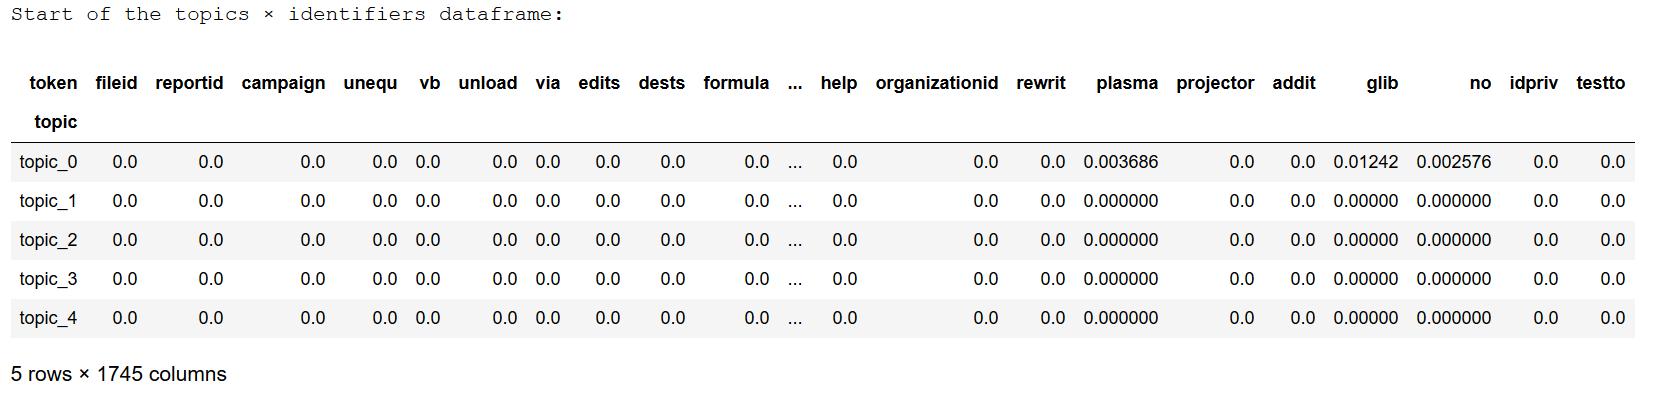 Exemple de topics extraits à partir d'identifiants (extrait)